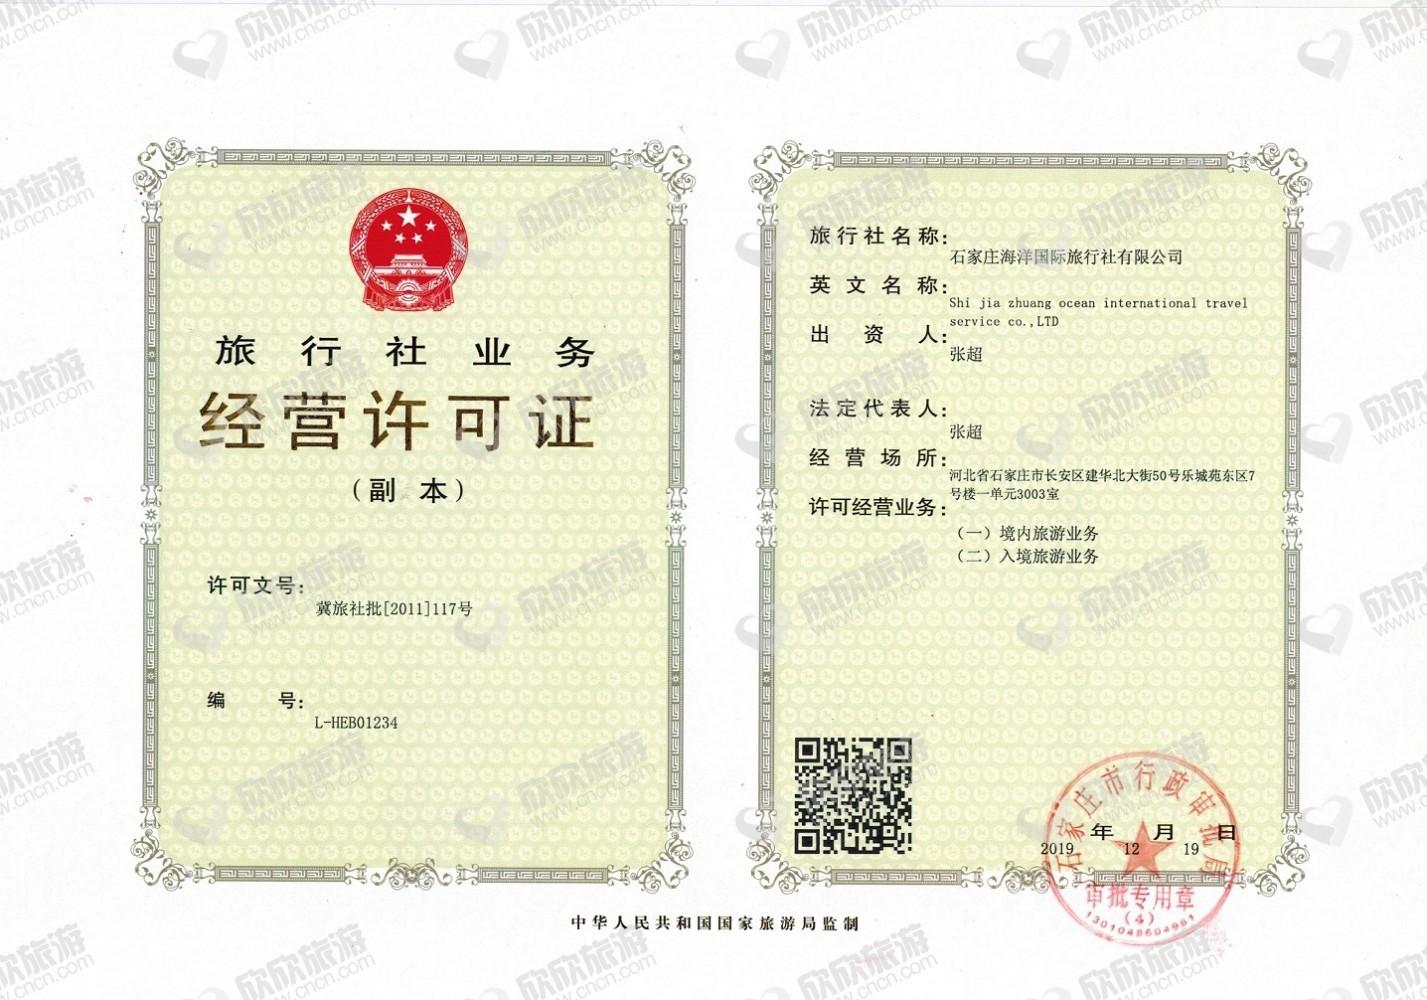 石家庄海洋国际旅行社有限公司经营许可证